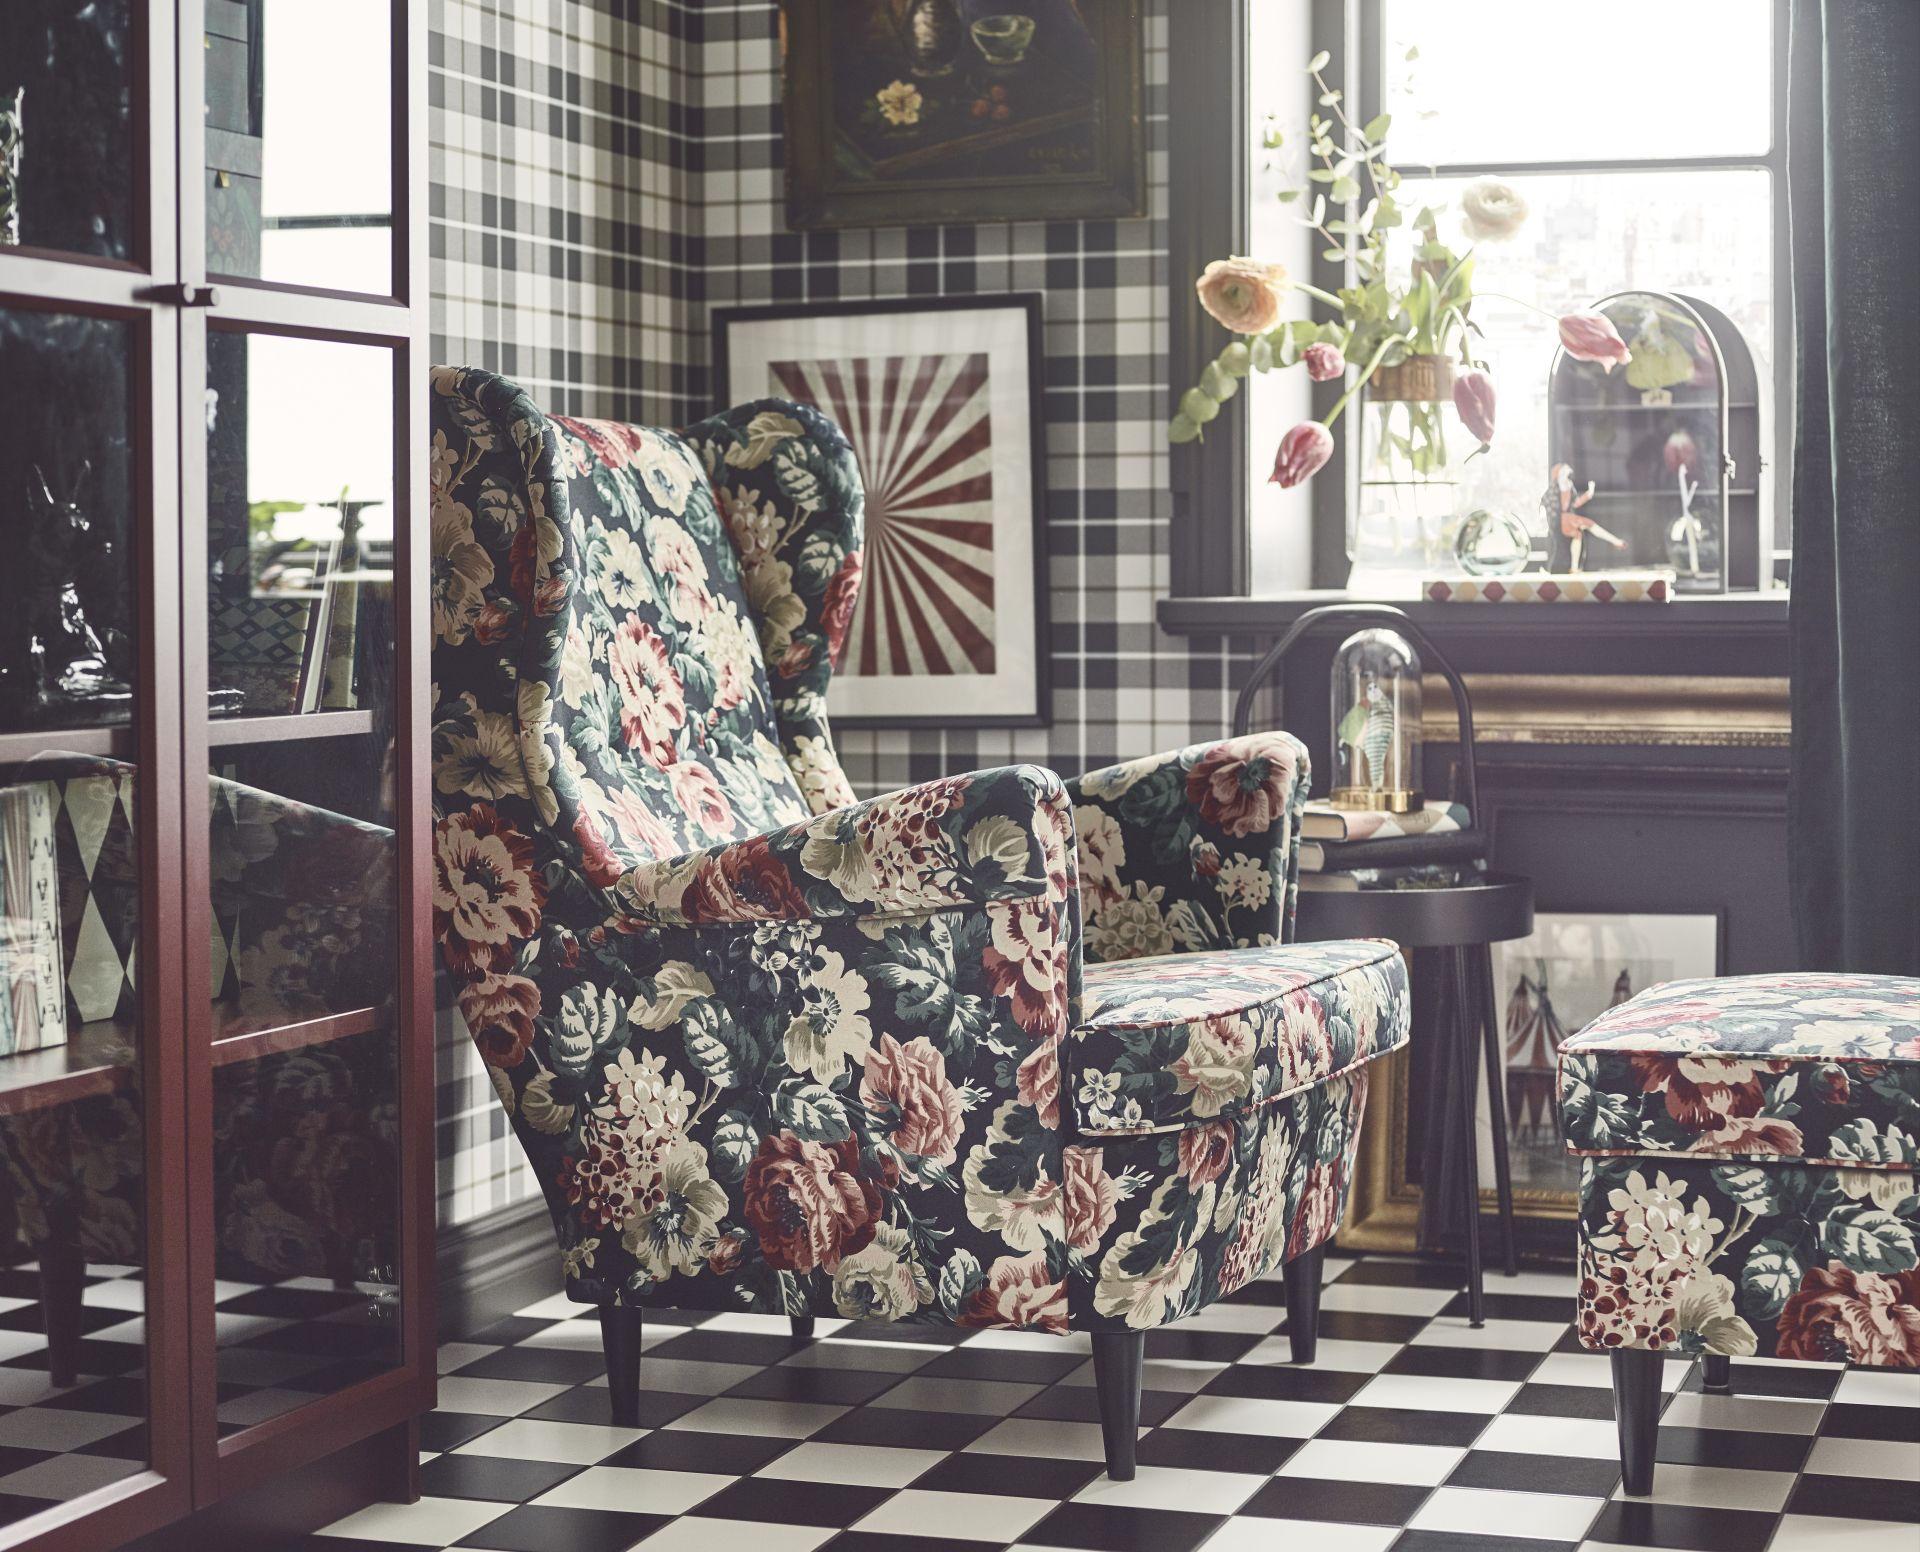 Strandmon Poltrona Lingbo Multicor Annapolis Home Ikea Ikea